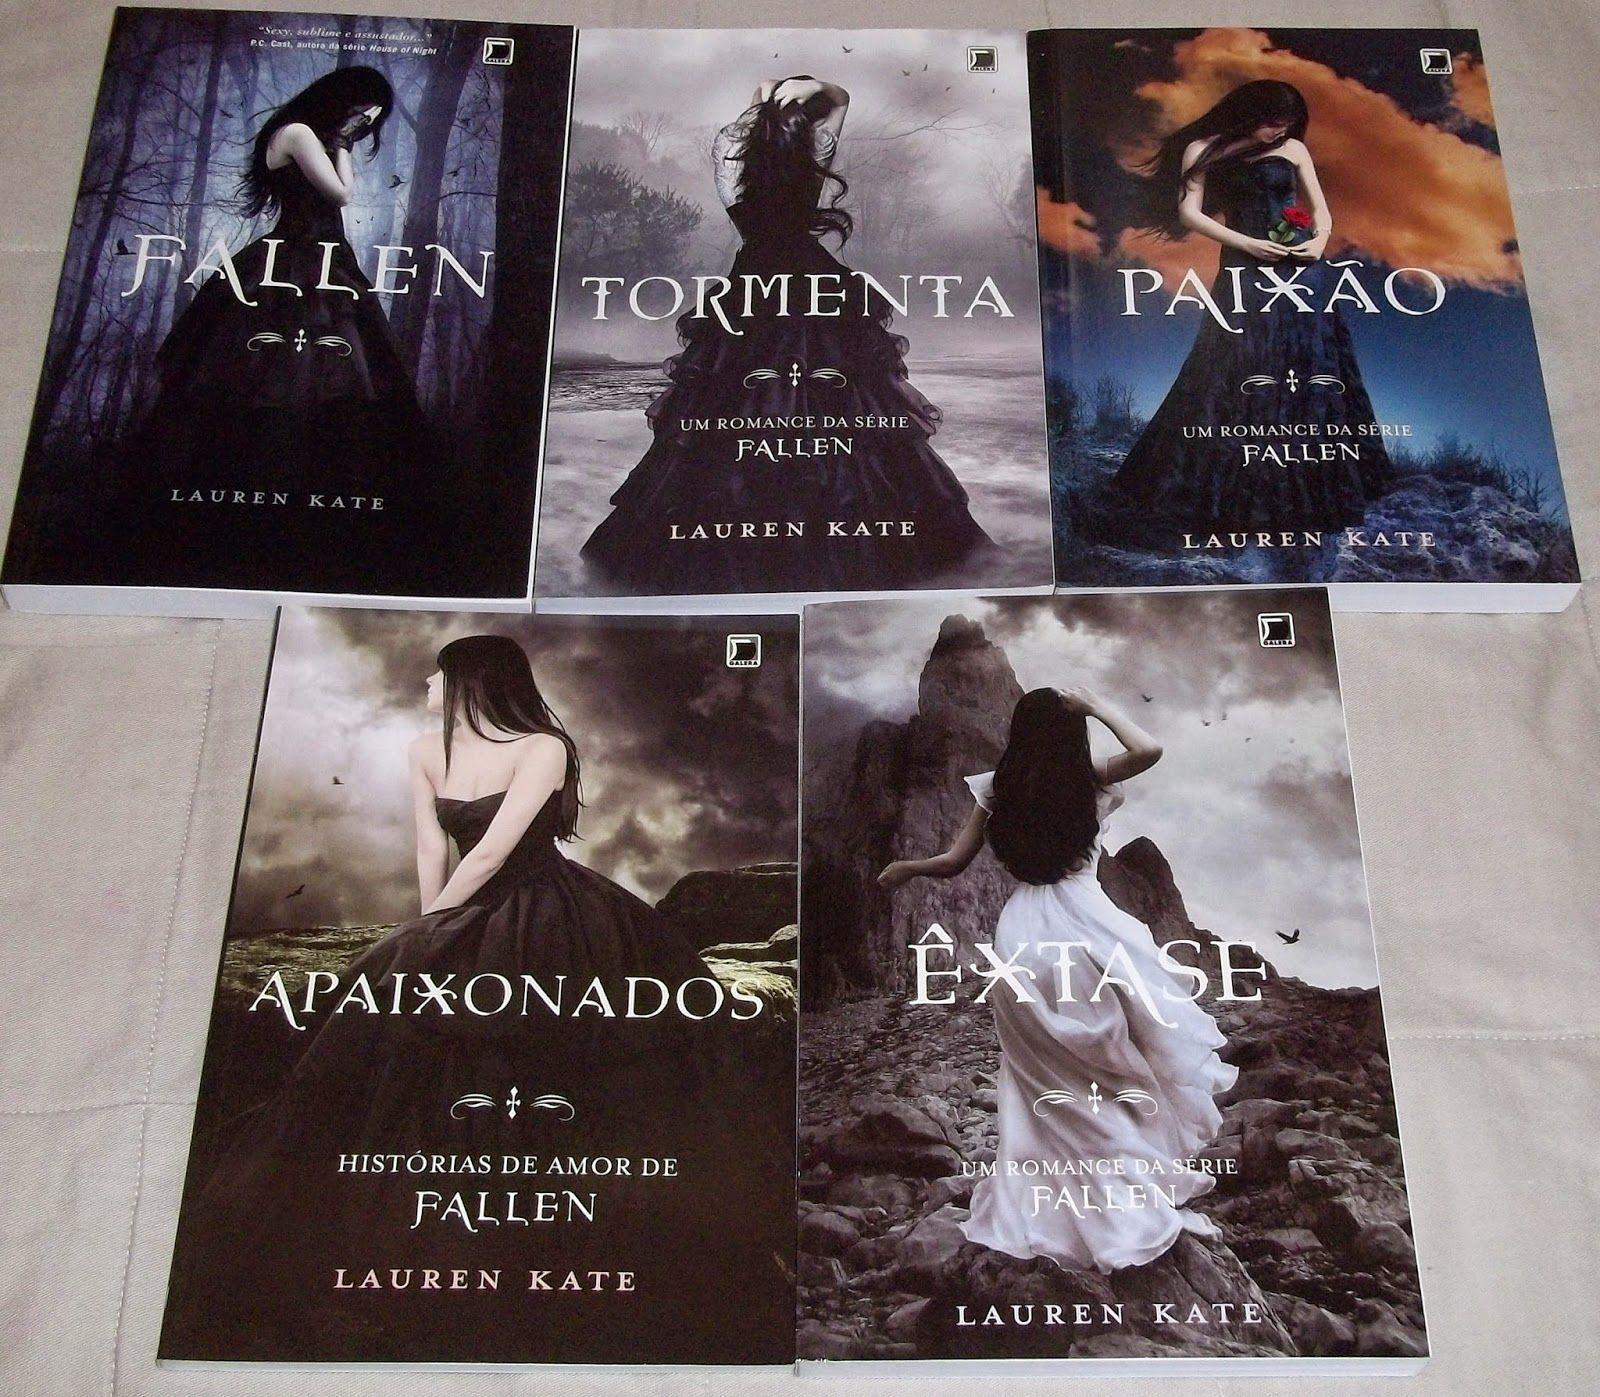 Submarino Livro - Box Série Fallen (5 livros) - R$ 34,47